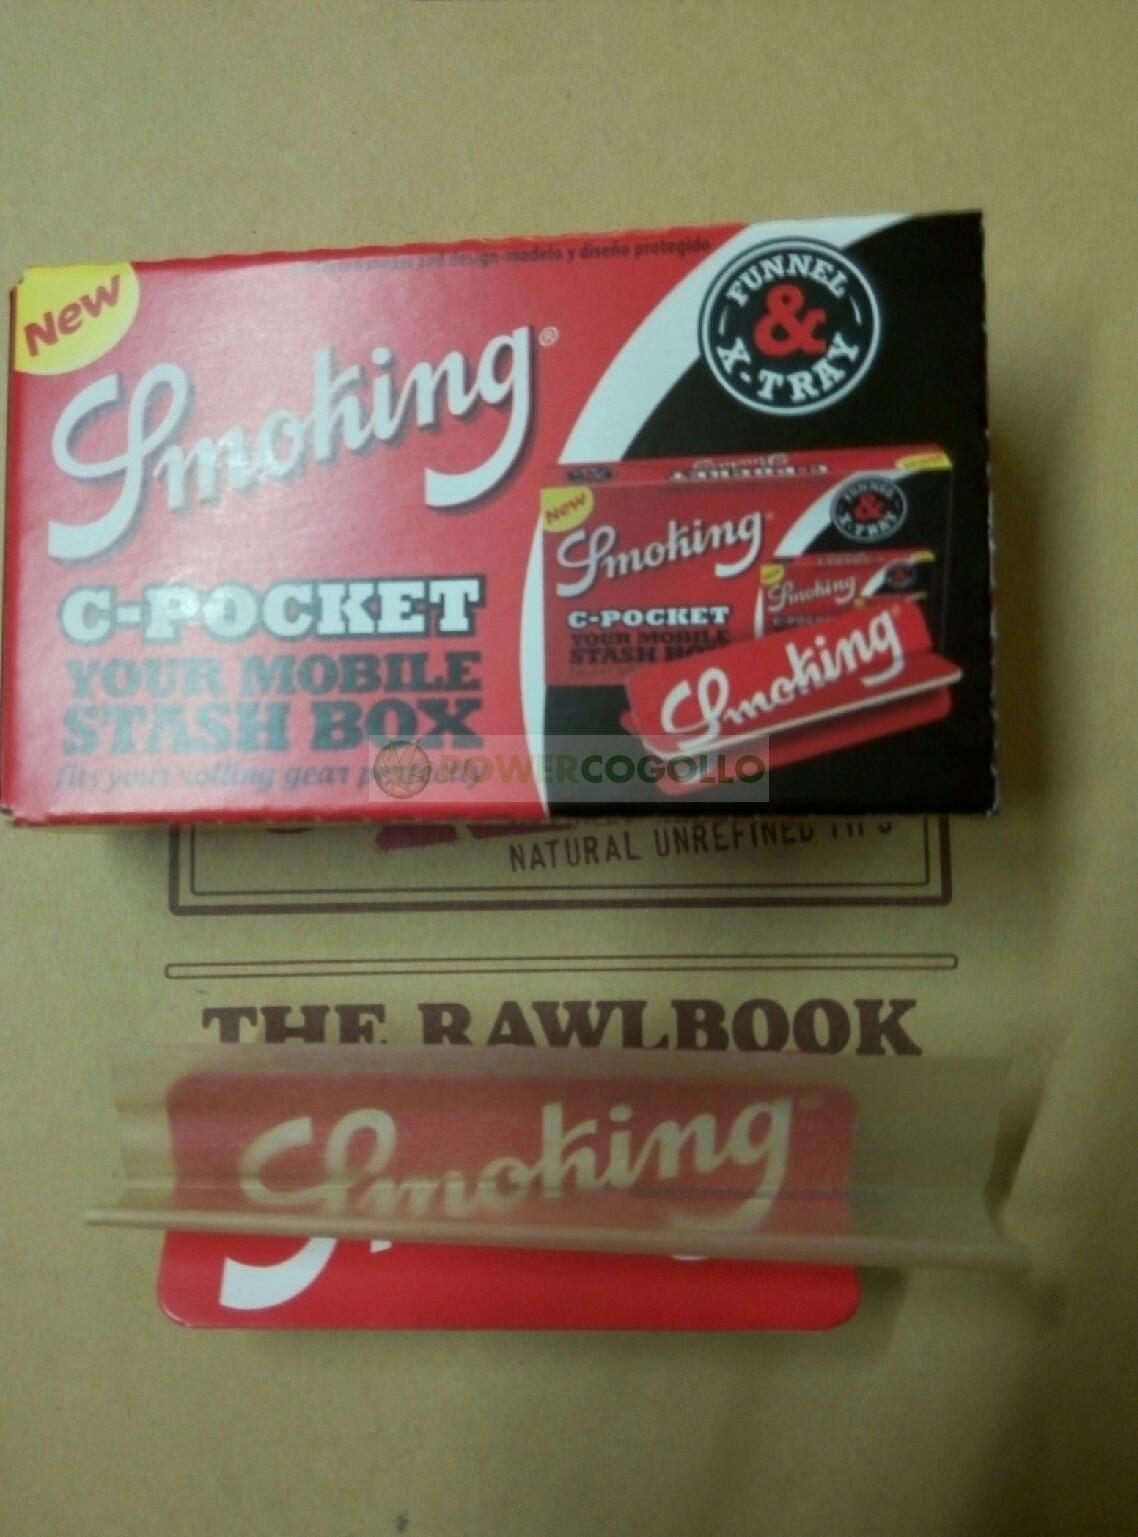 Caja de Bolsillo Smoking C-Pocket 1